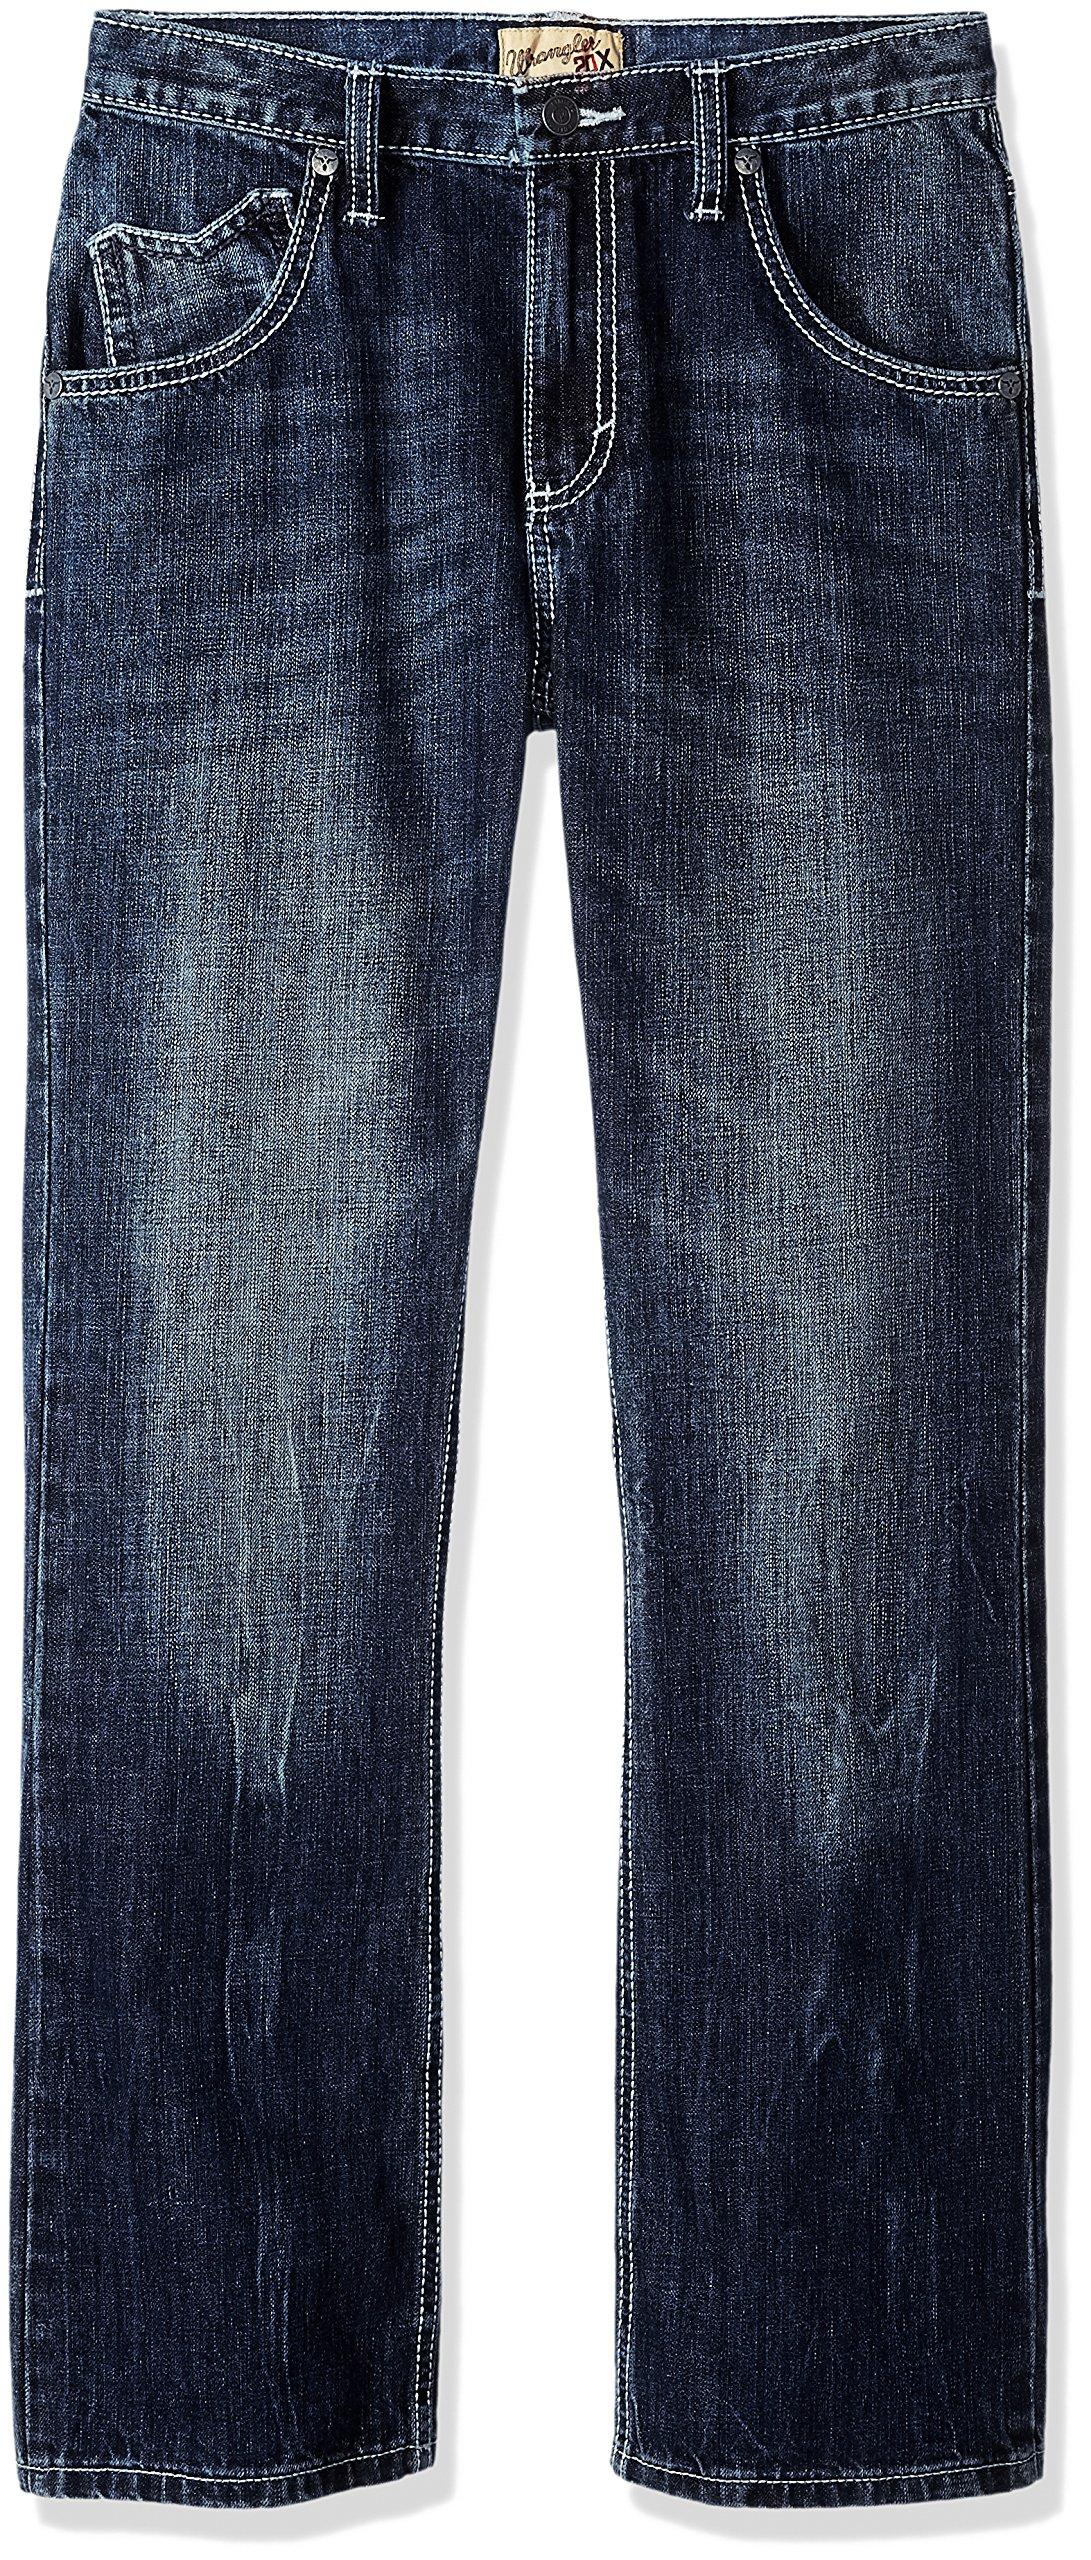 Wrangler Boys' 20X Vintage Boot Cut Jean, Canyon Lake, 6 Reg by Wrangler